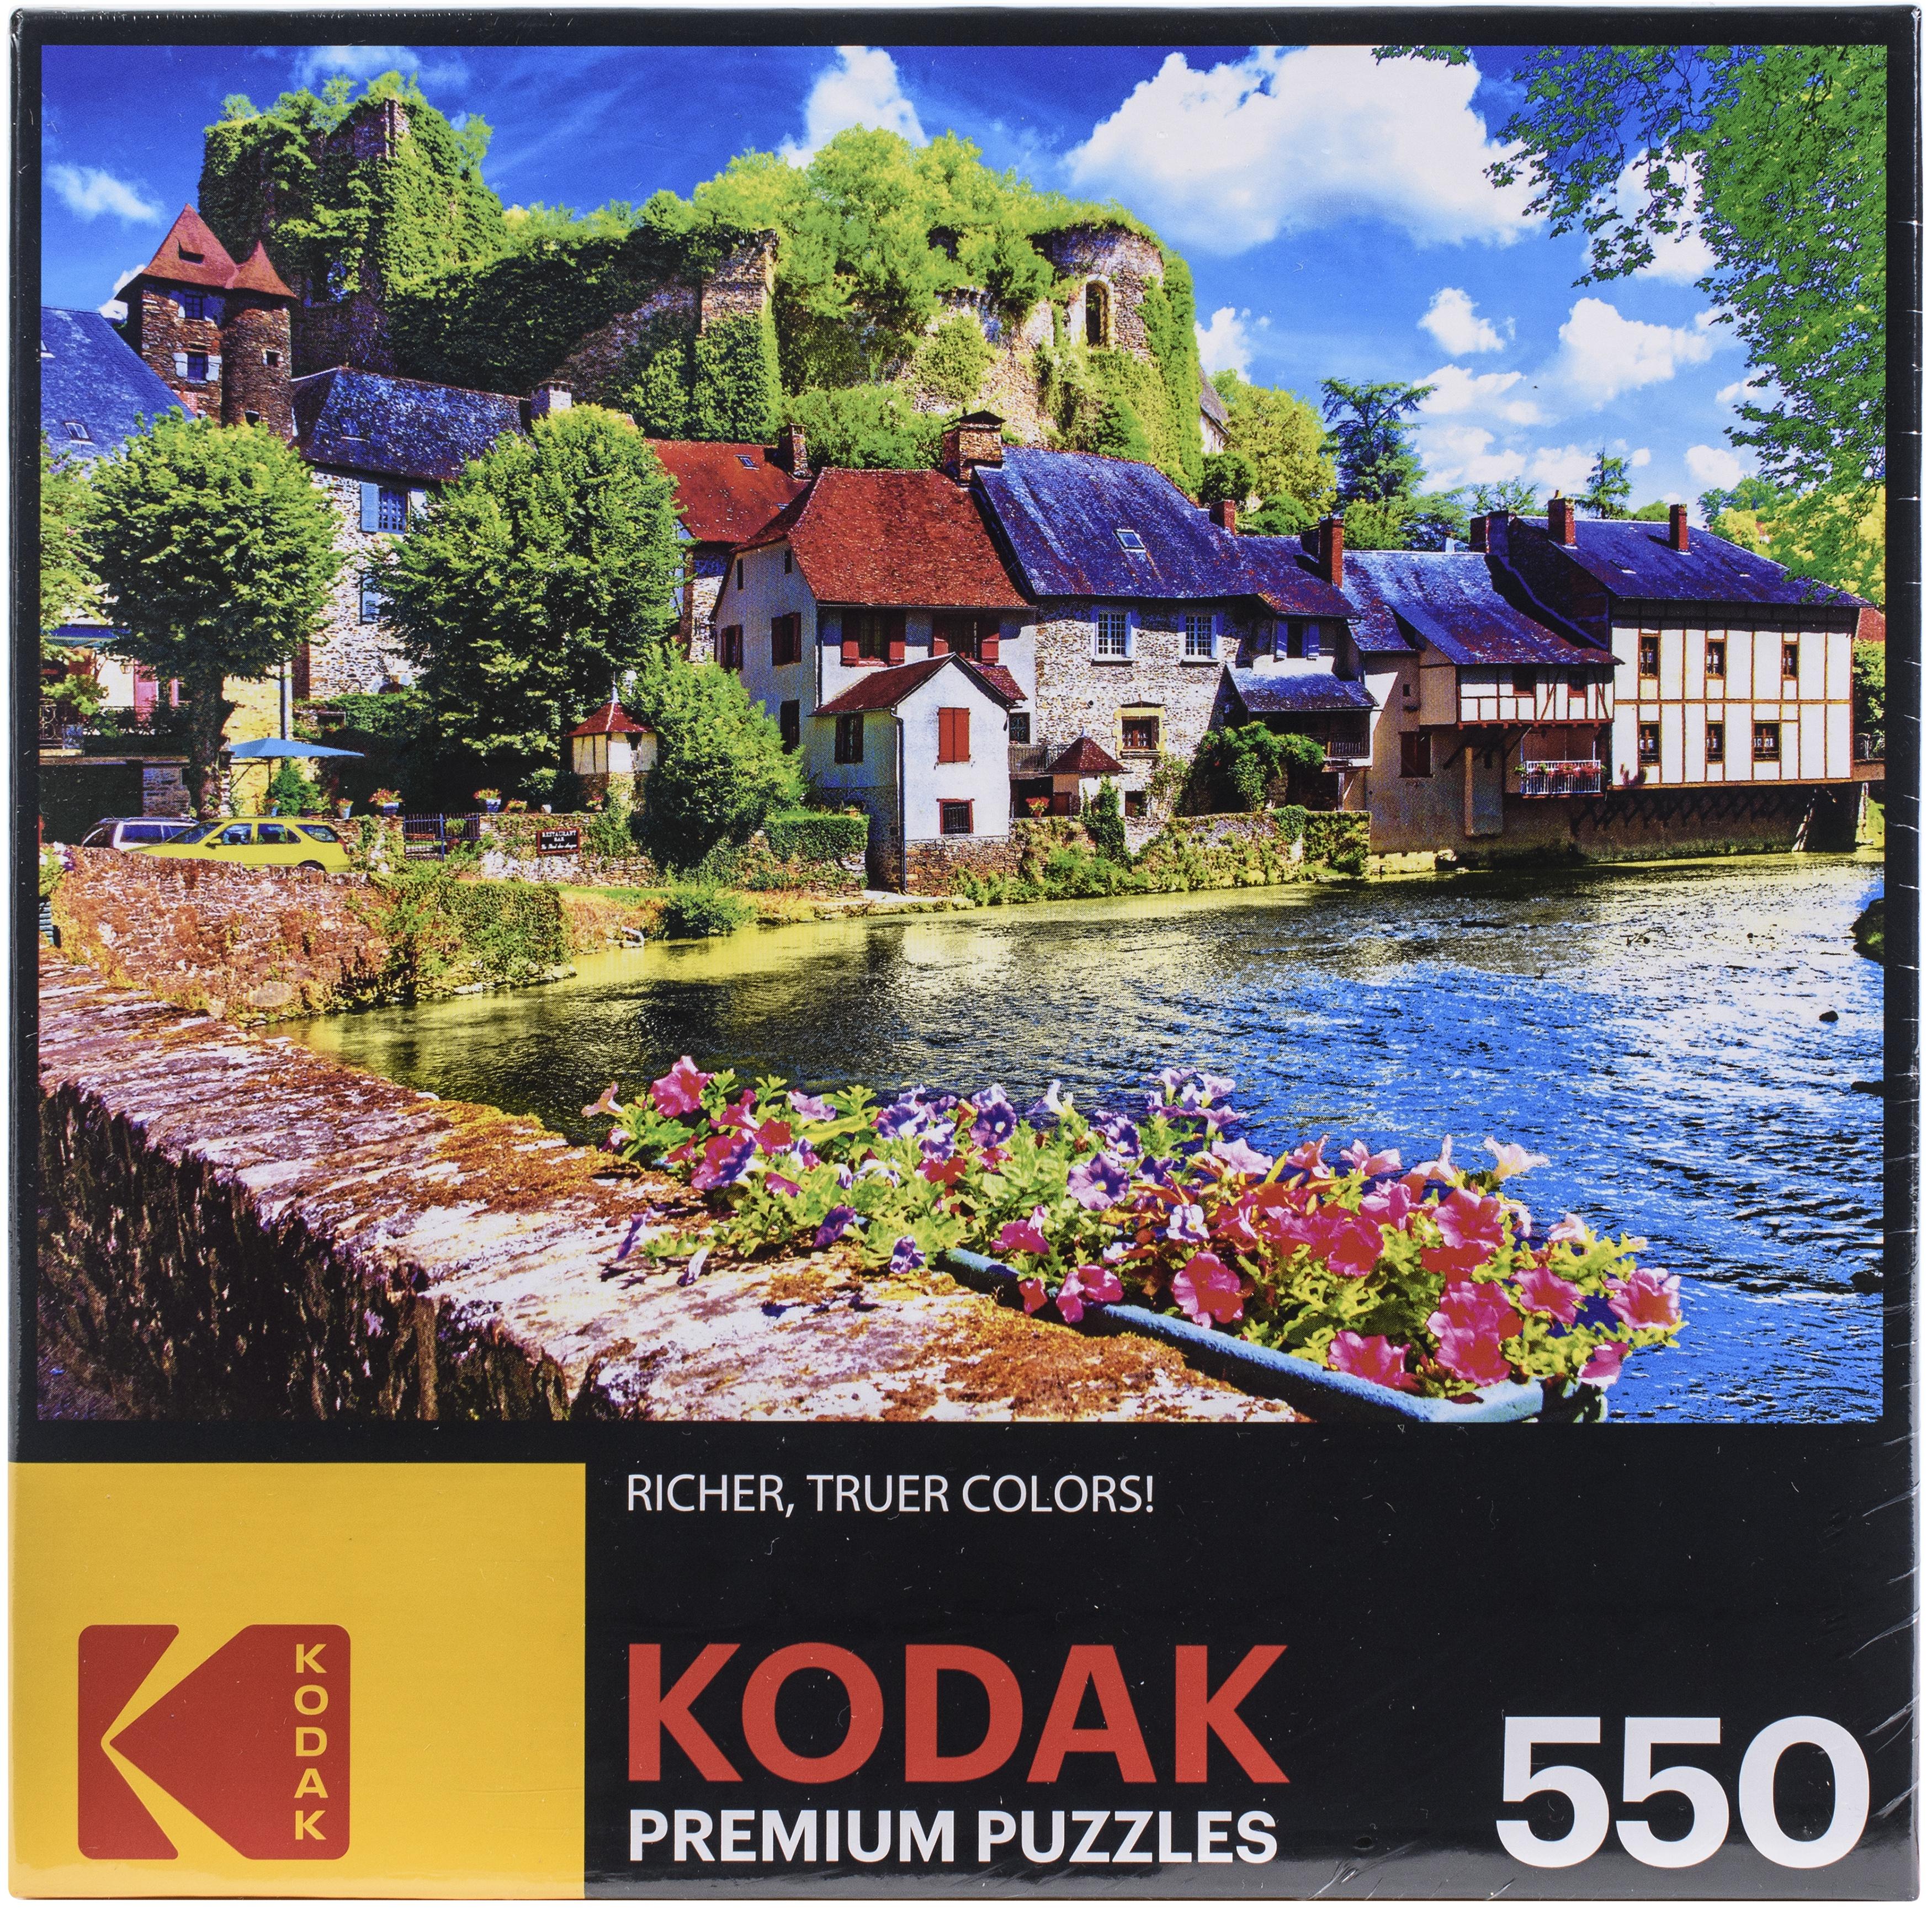 Premium Jigsaw Puzzle 550 Pieces - Auvezere River France